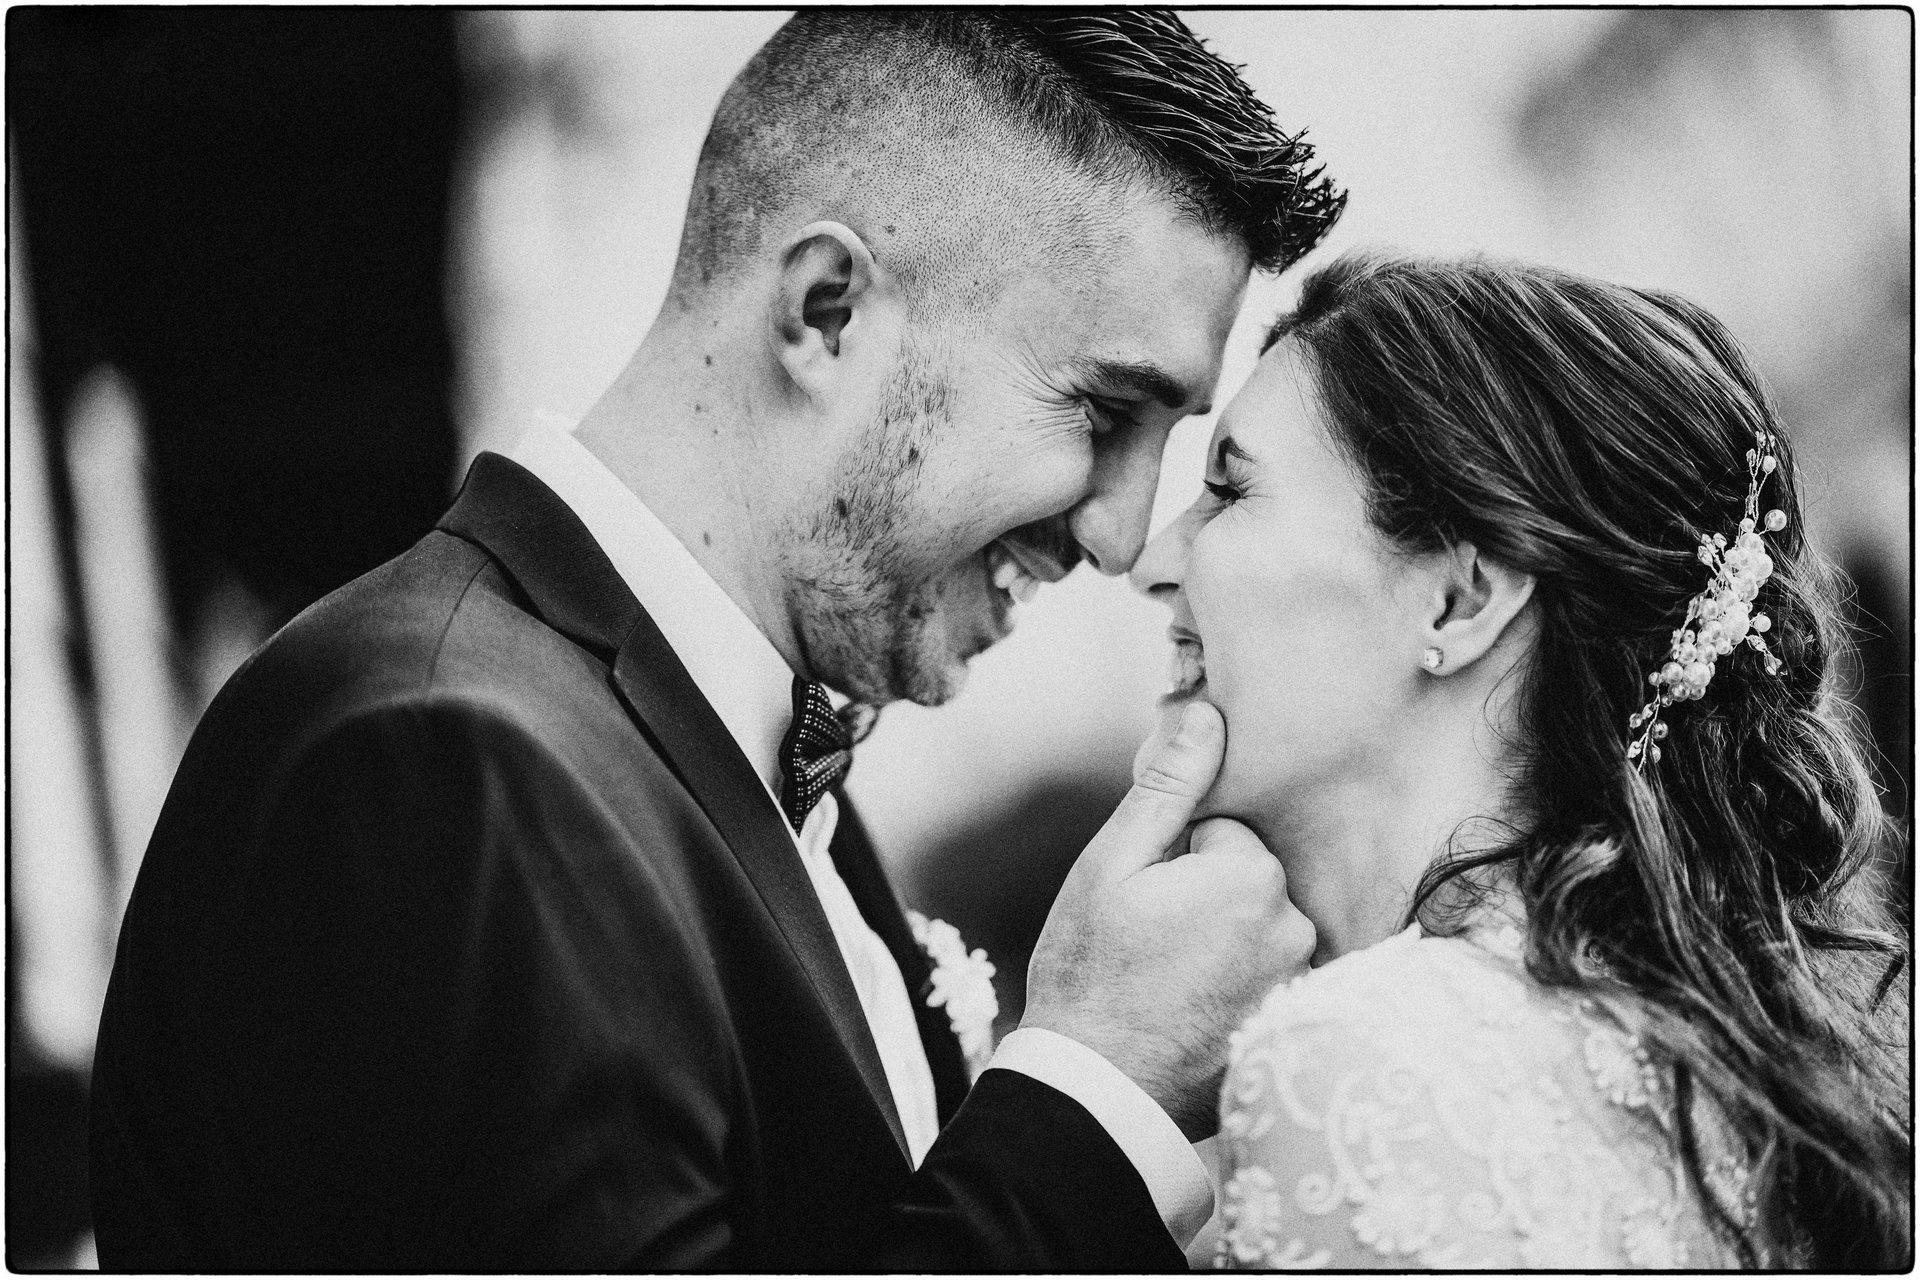 Photo in Wedding | Author Anton Dimov - dimovanton | PHOTO FORUM